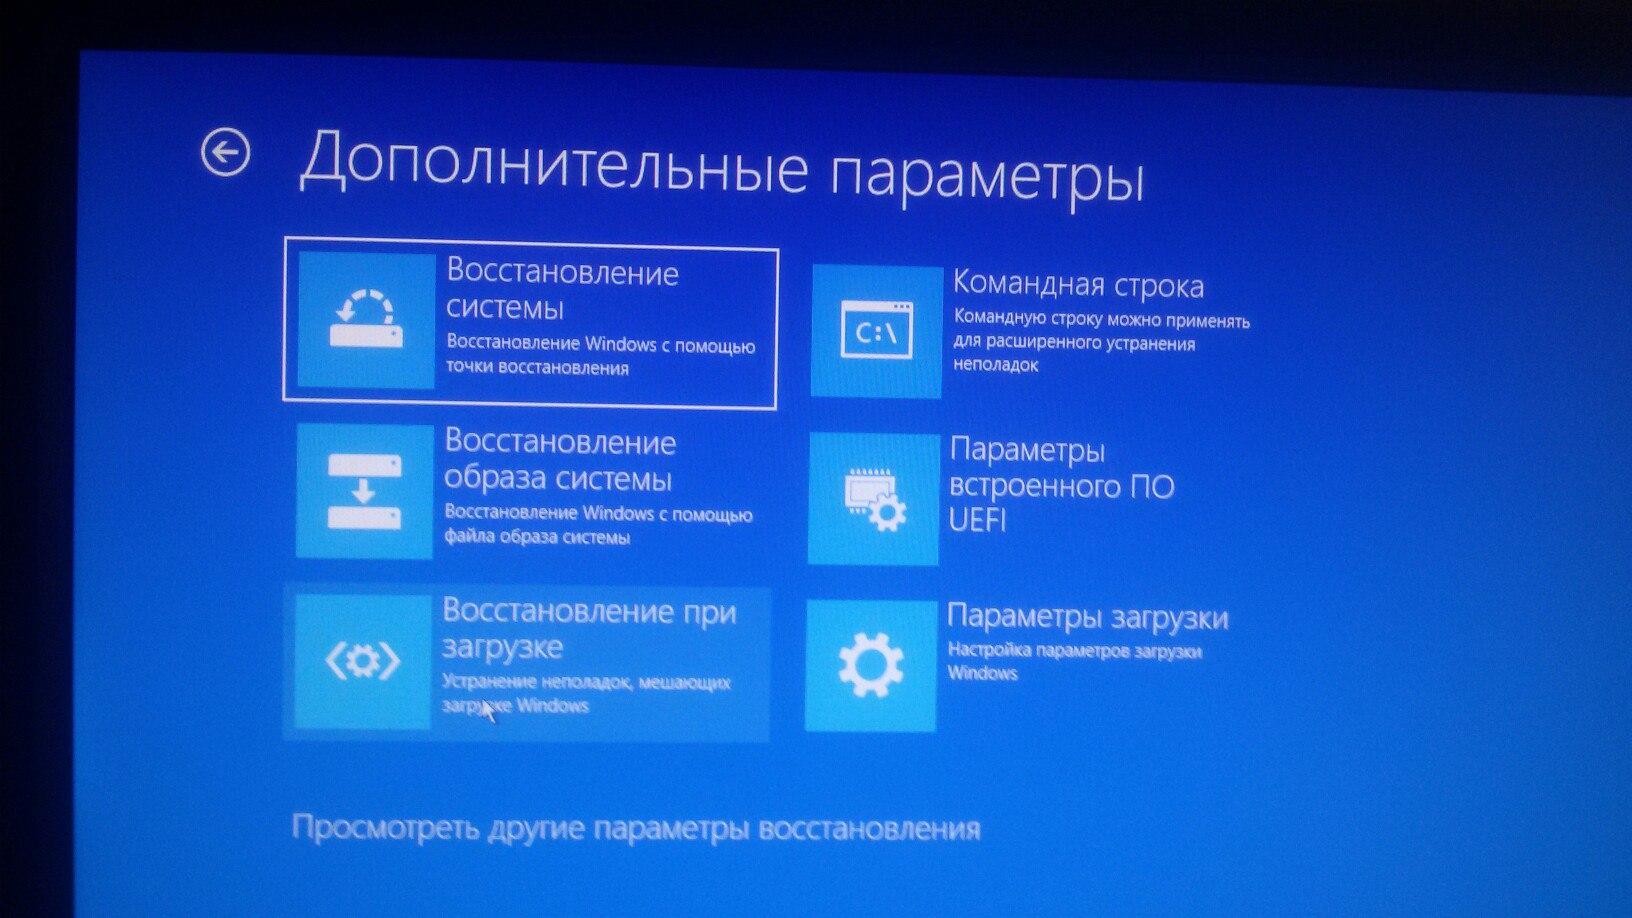 http://www.imageup.ru/img141/3032350/yxnkllairzi.jpg